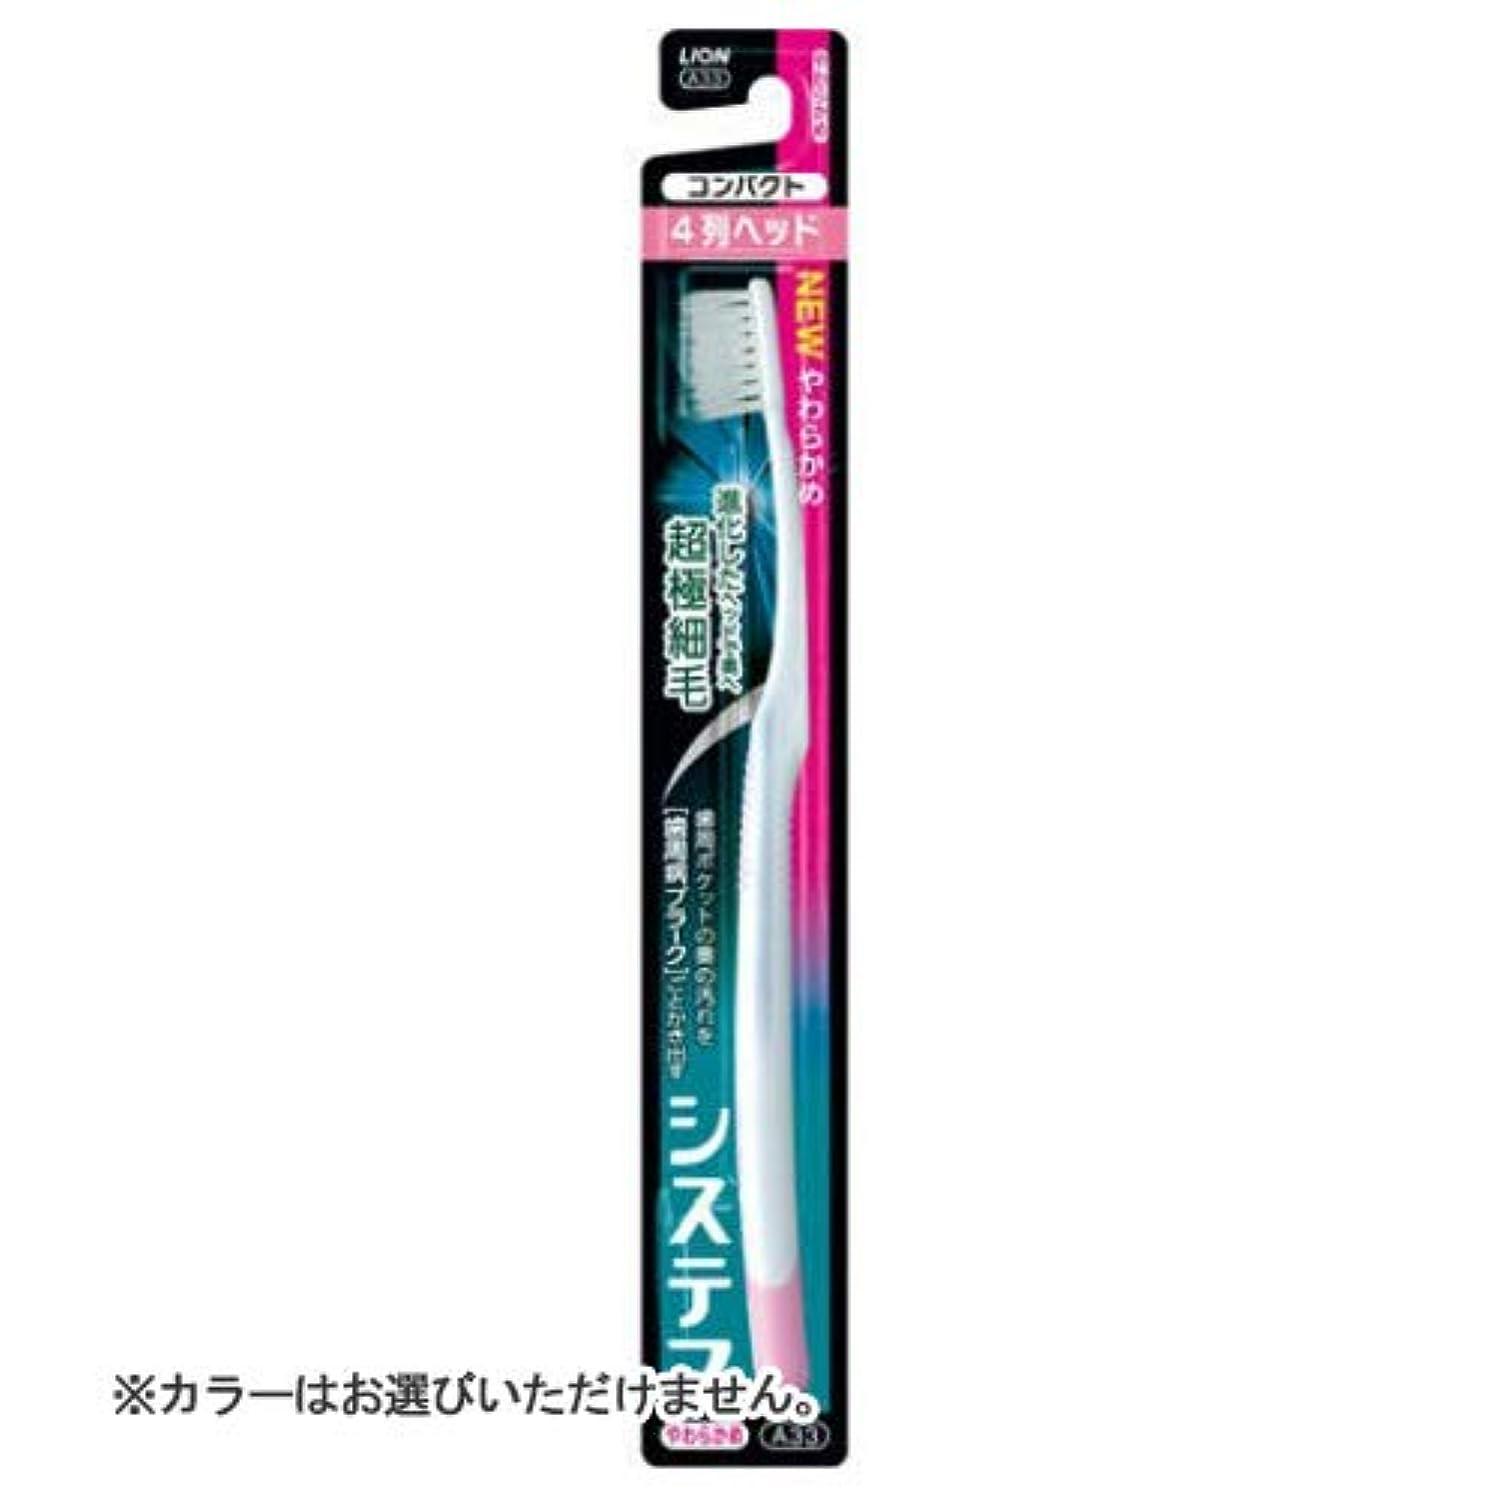 あたりバウンド魔女ライオン システマ ハブラシ コンパクト4列 やわらかめ (1本) 大人用 歯ブラシ